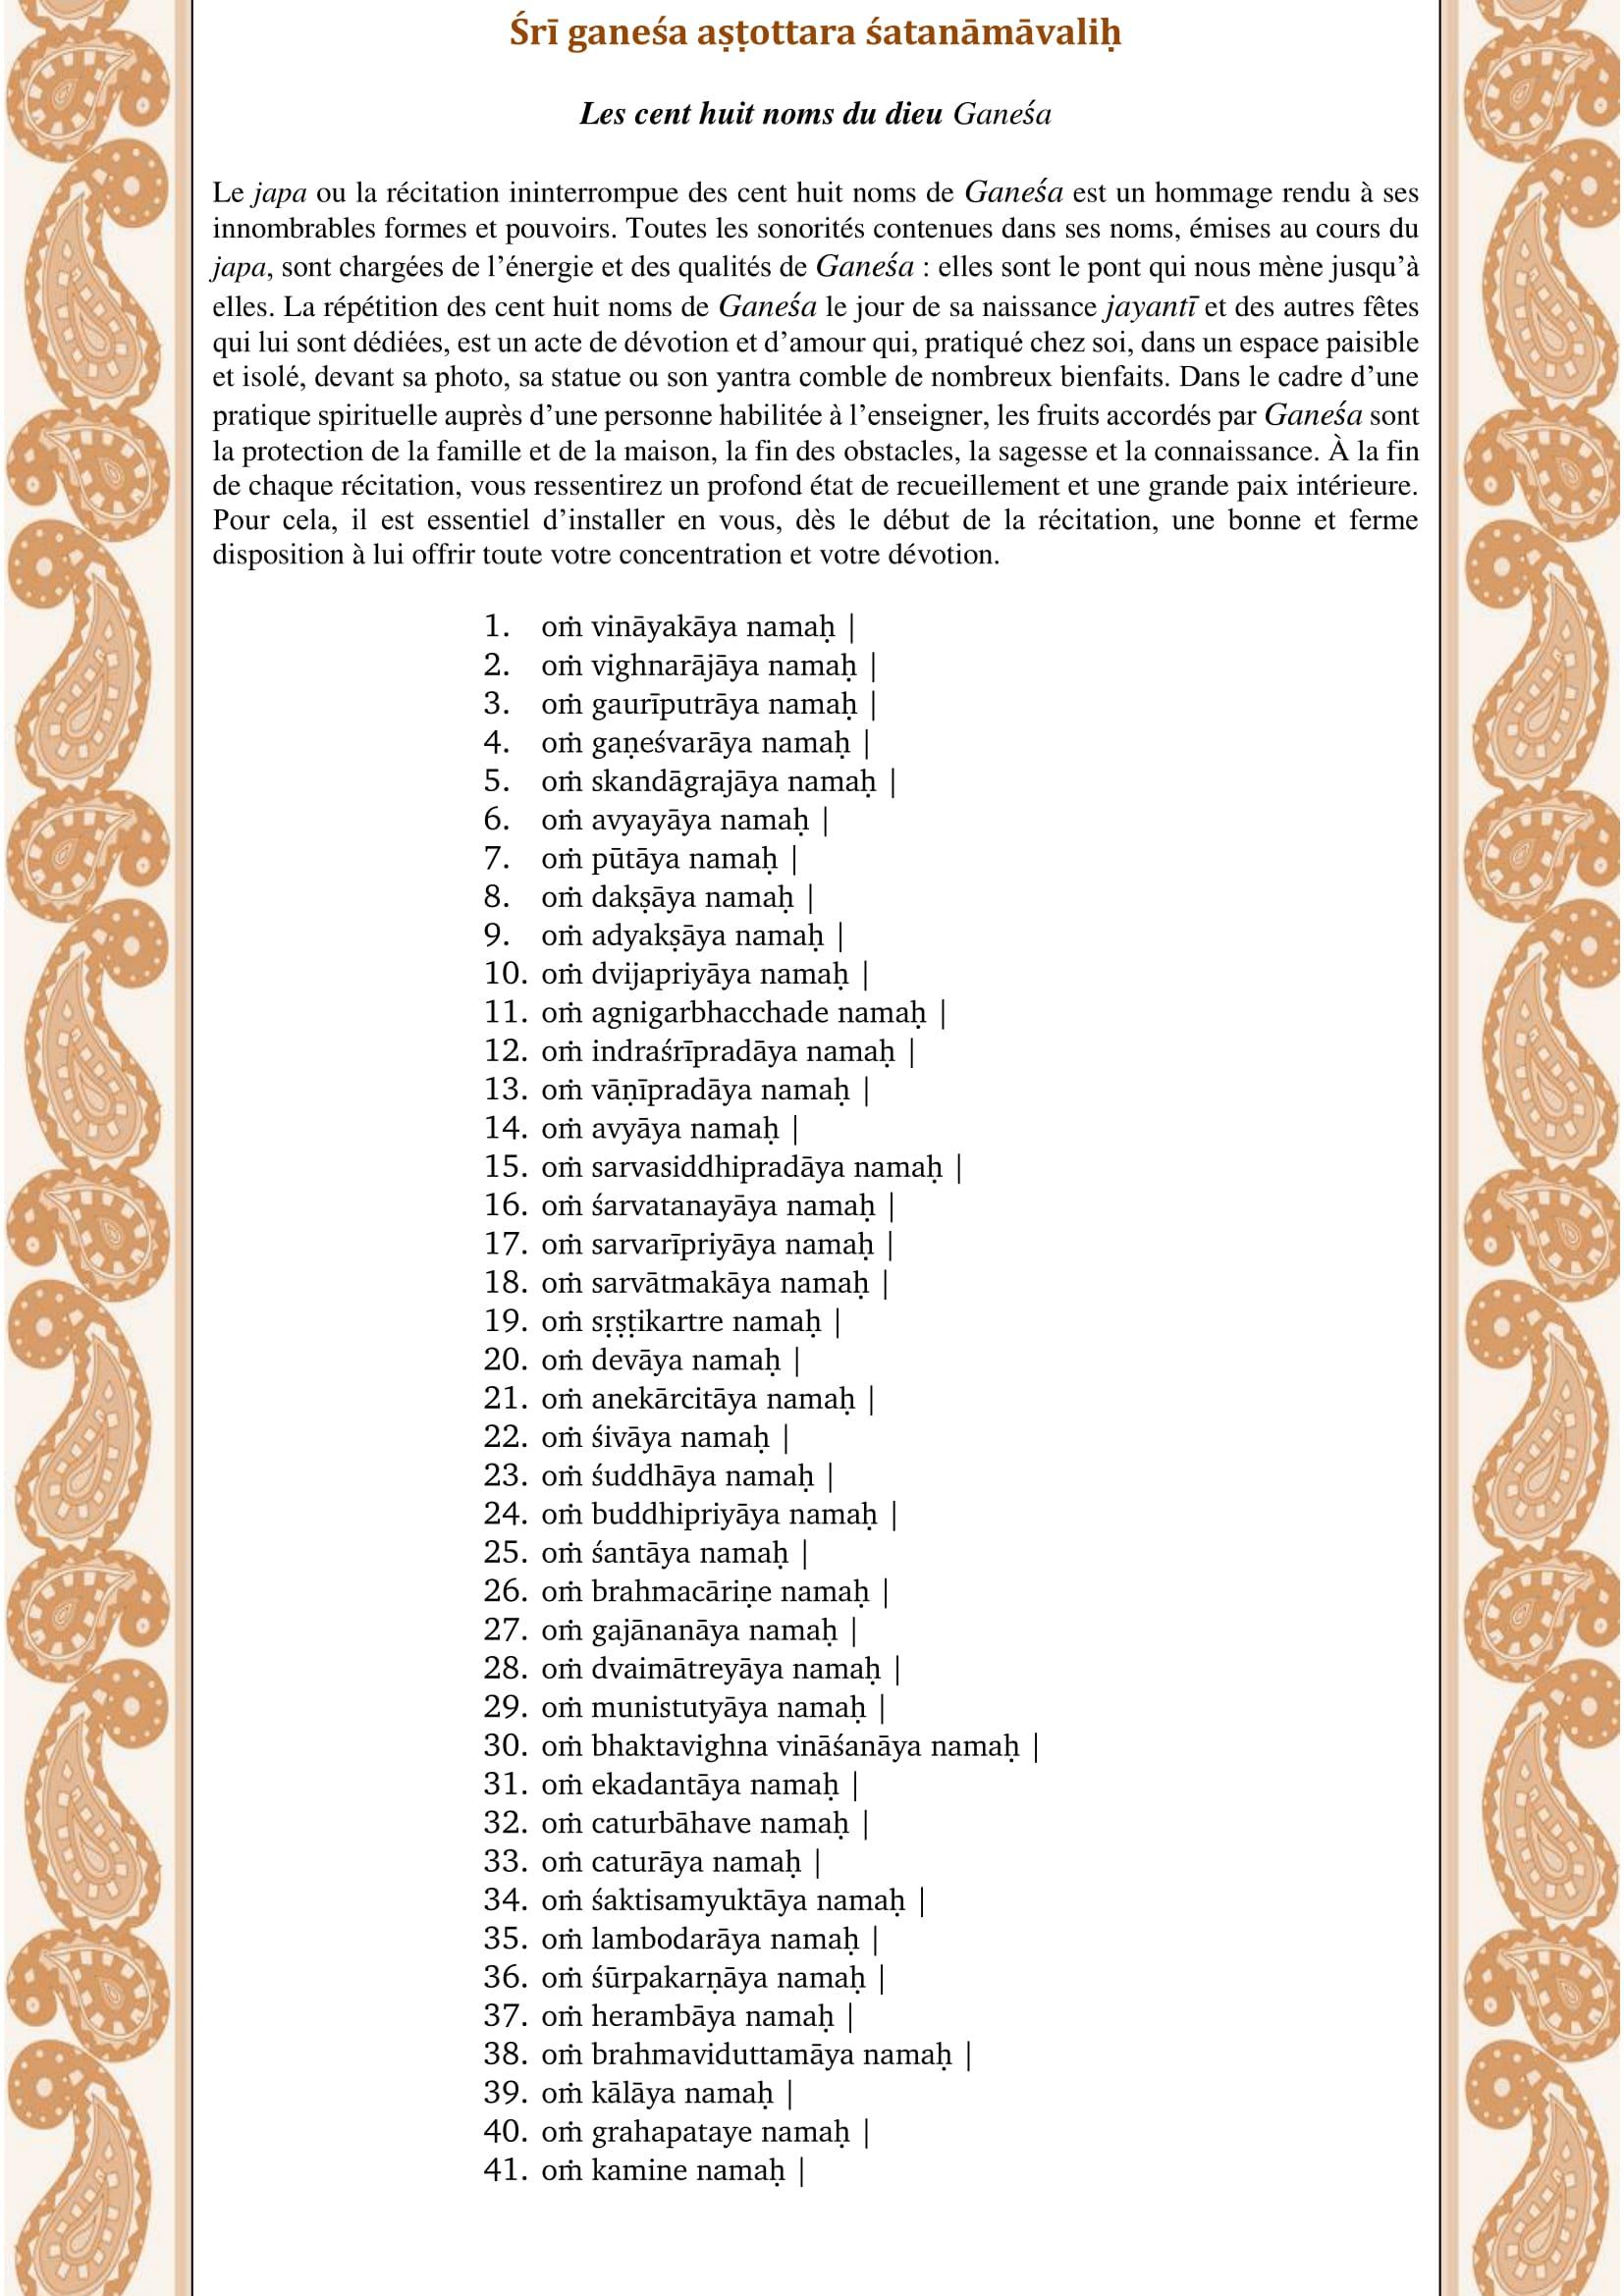 108 noms de ganesha-1